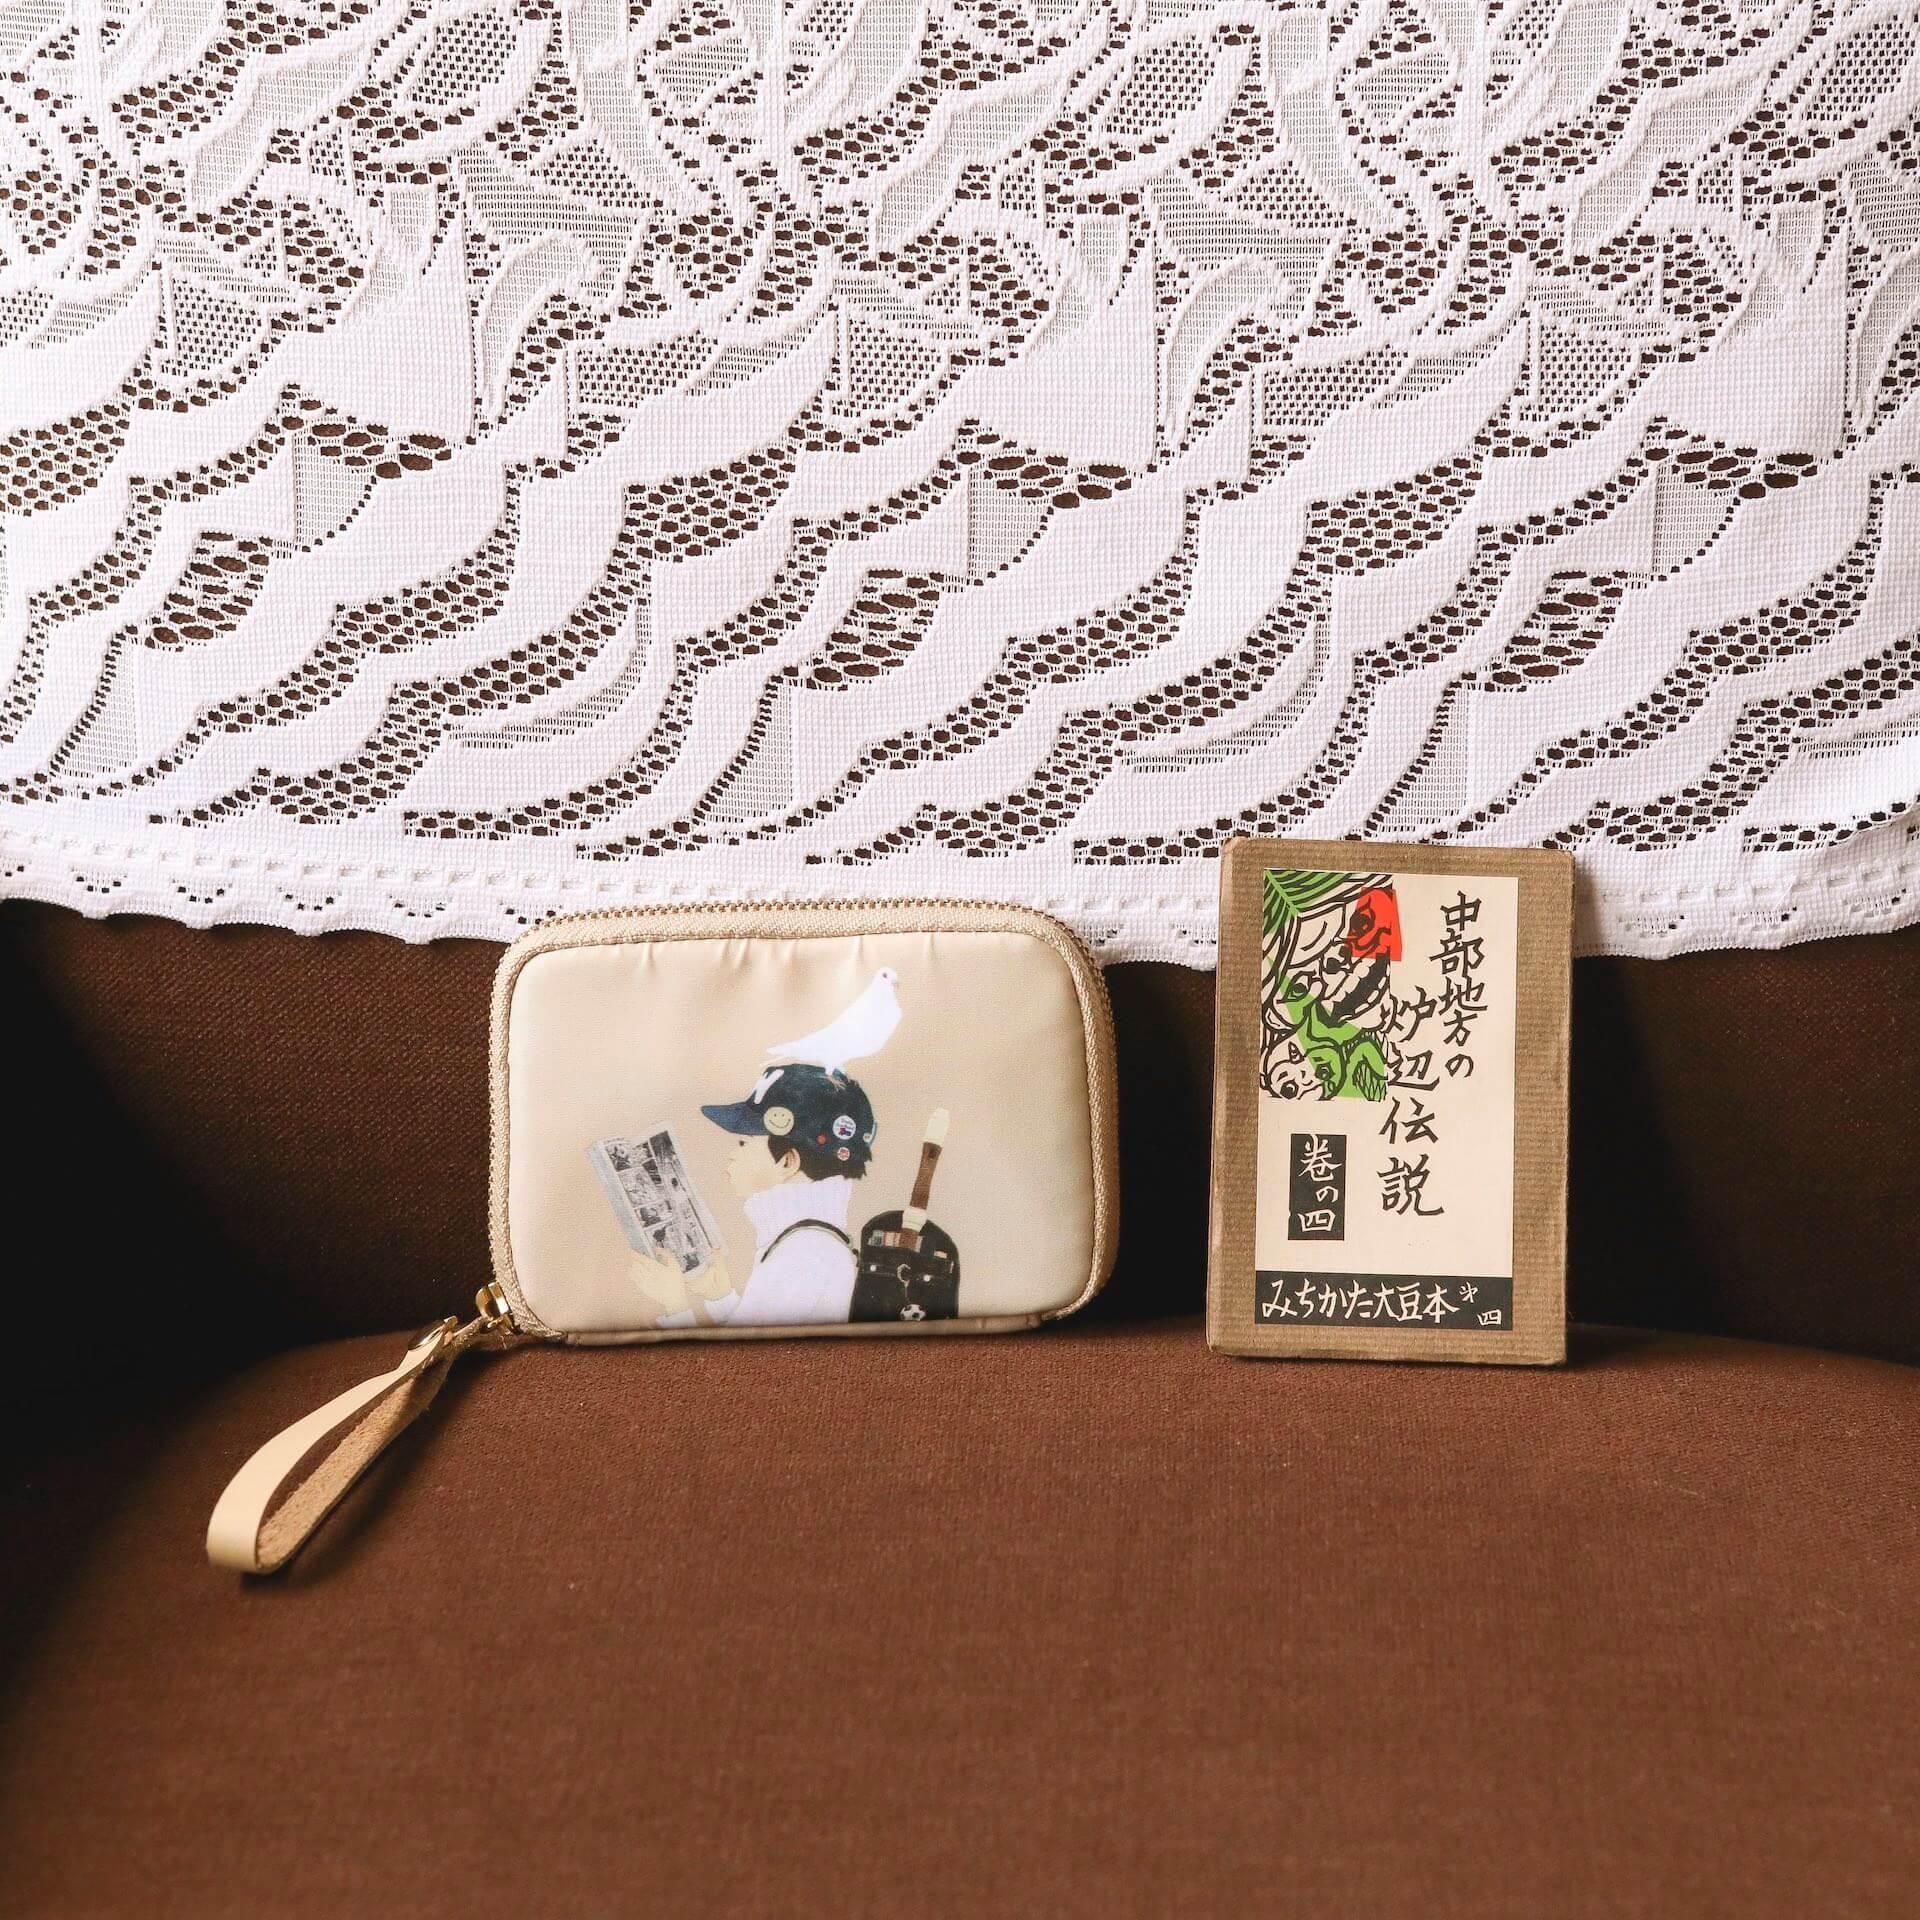 ほぼ日と松本大洋がコラボ!『ぼくとマンガ』のイラストがプリントされた収納力豊富な「引き出しポーチ」4種が発売中 lf200302_matsumototaiyou_hobonichi_06